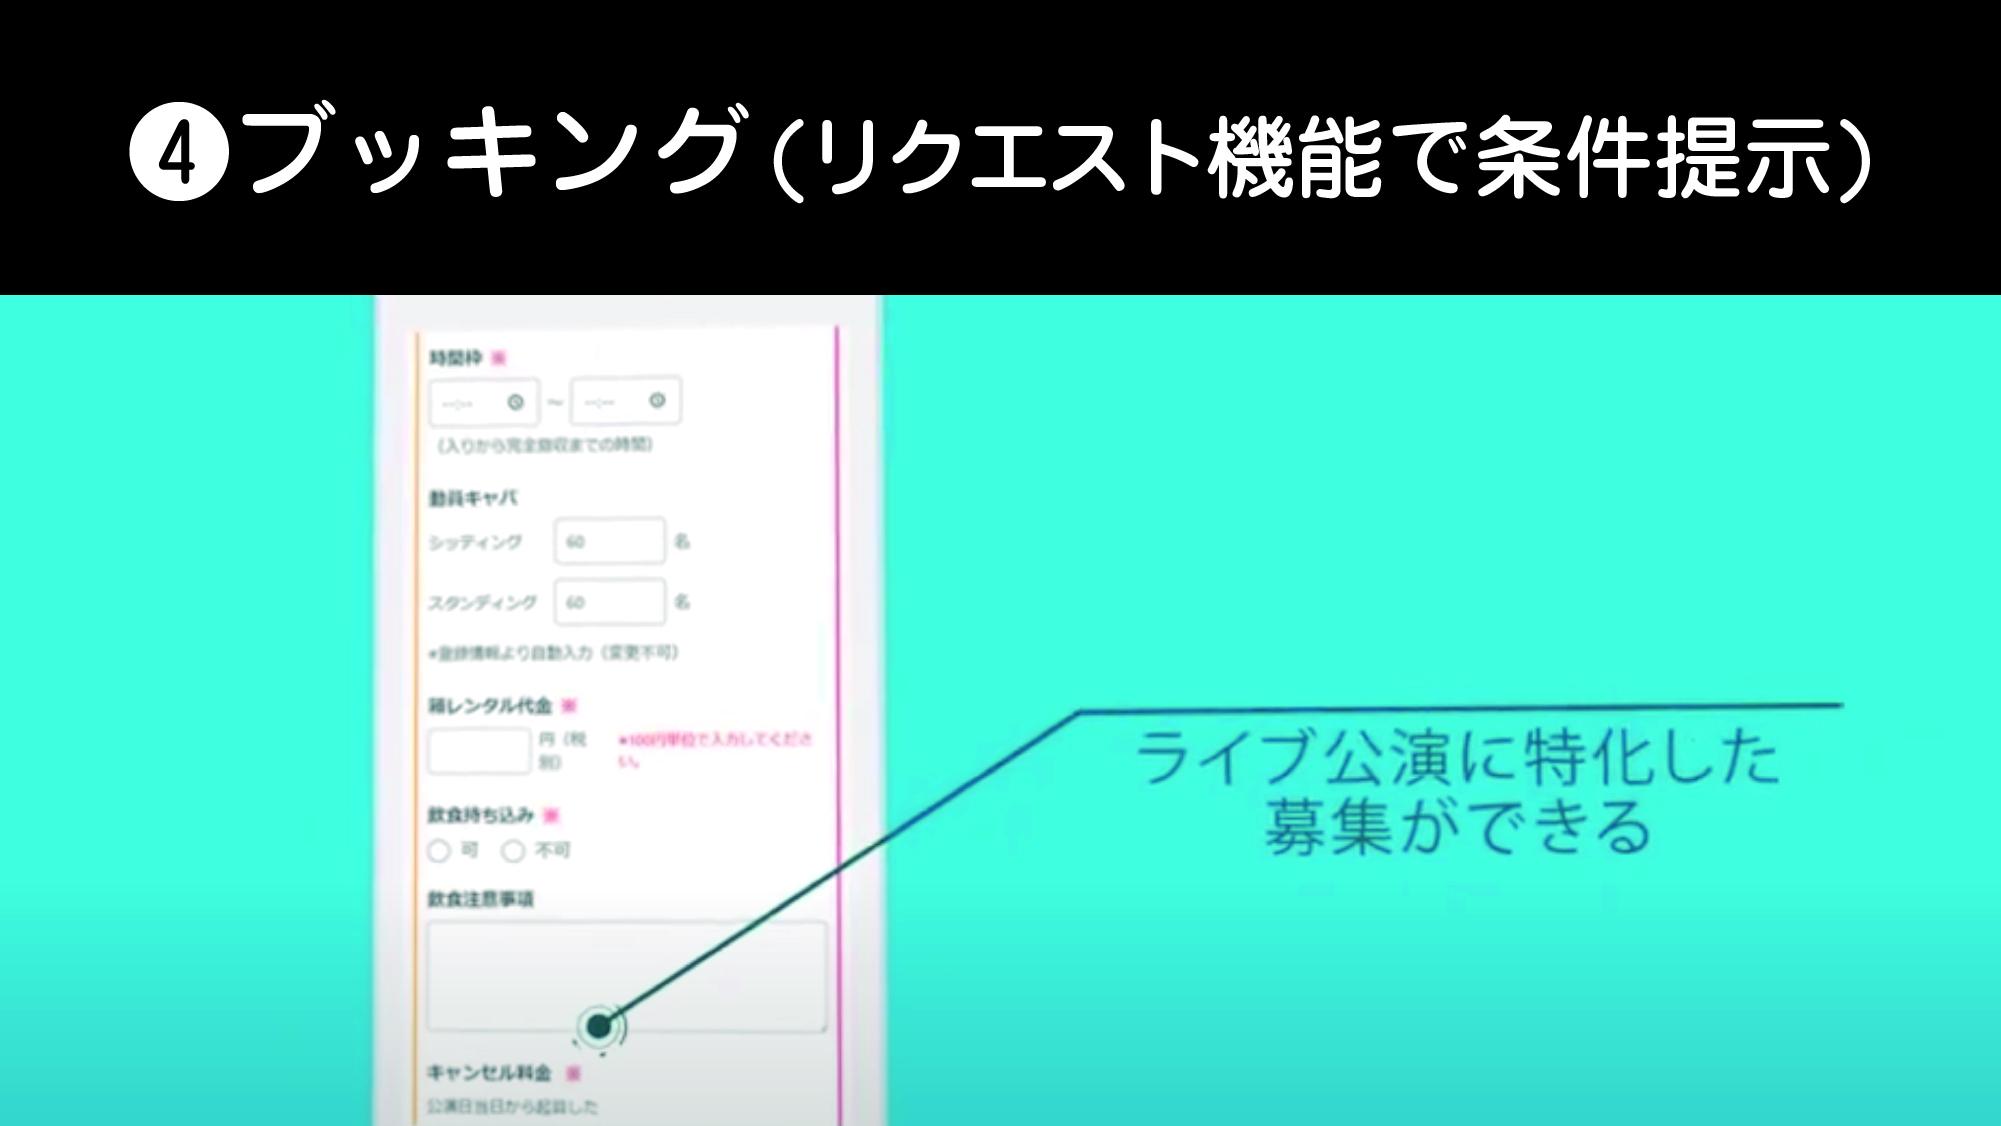 4_sub.jpg